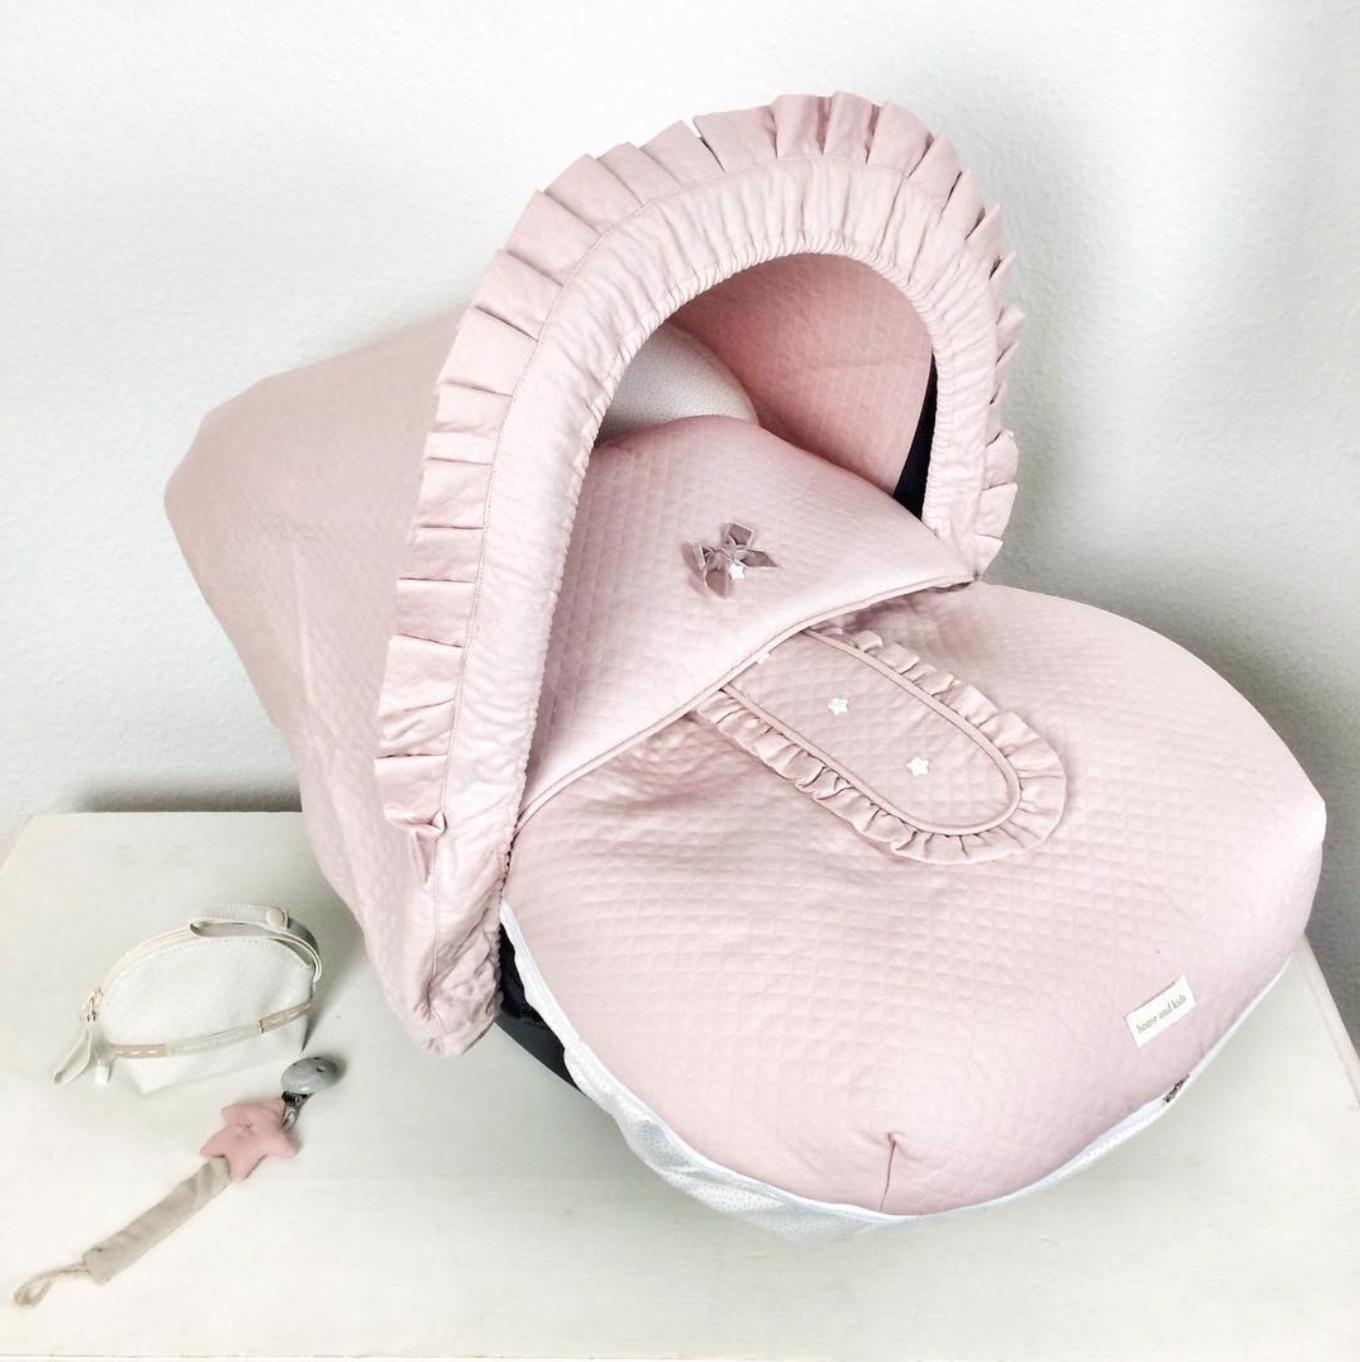 Cozy Bow So Heißt Der Neuzugang Unter Unseren Babyschalenbezügen Ich Kann Es Kaum Mit Worten Beschreiben Wie Schöö Baby Accessoires Baby Spanische Mode